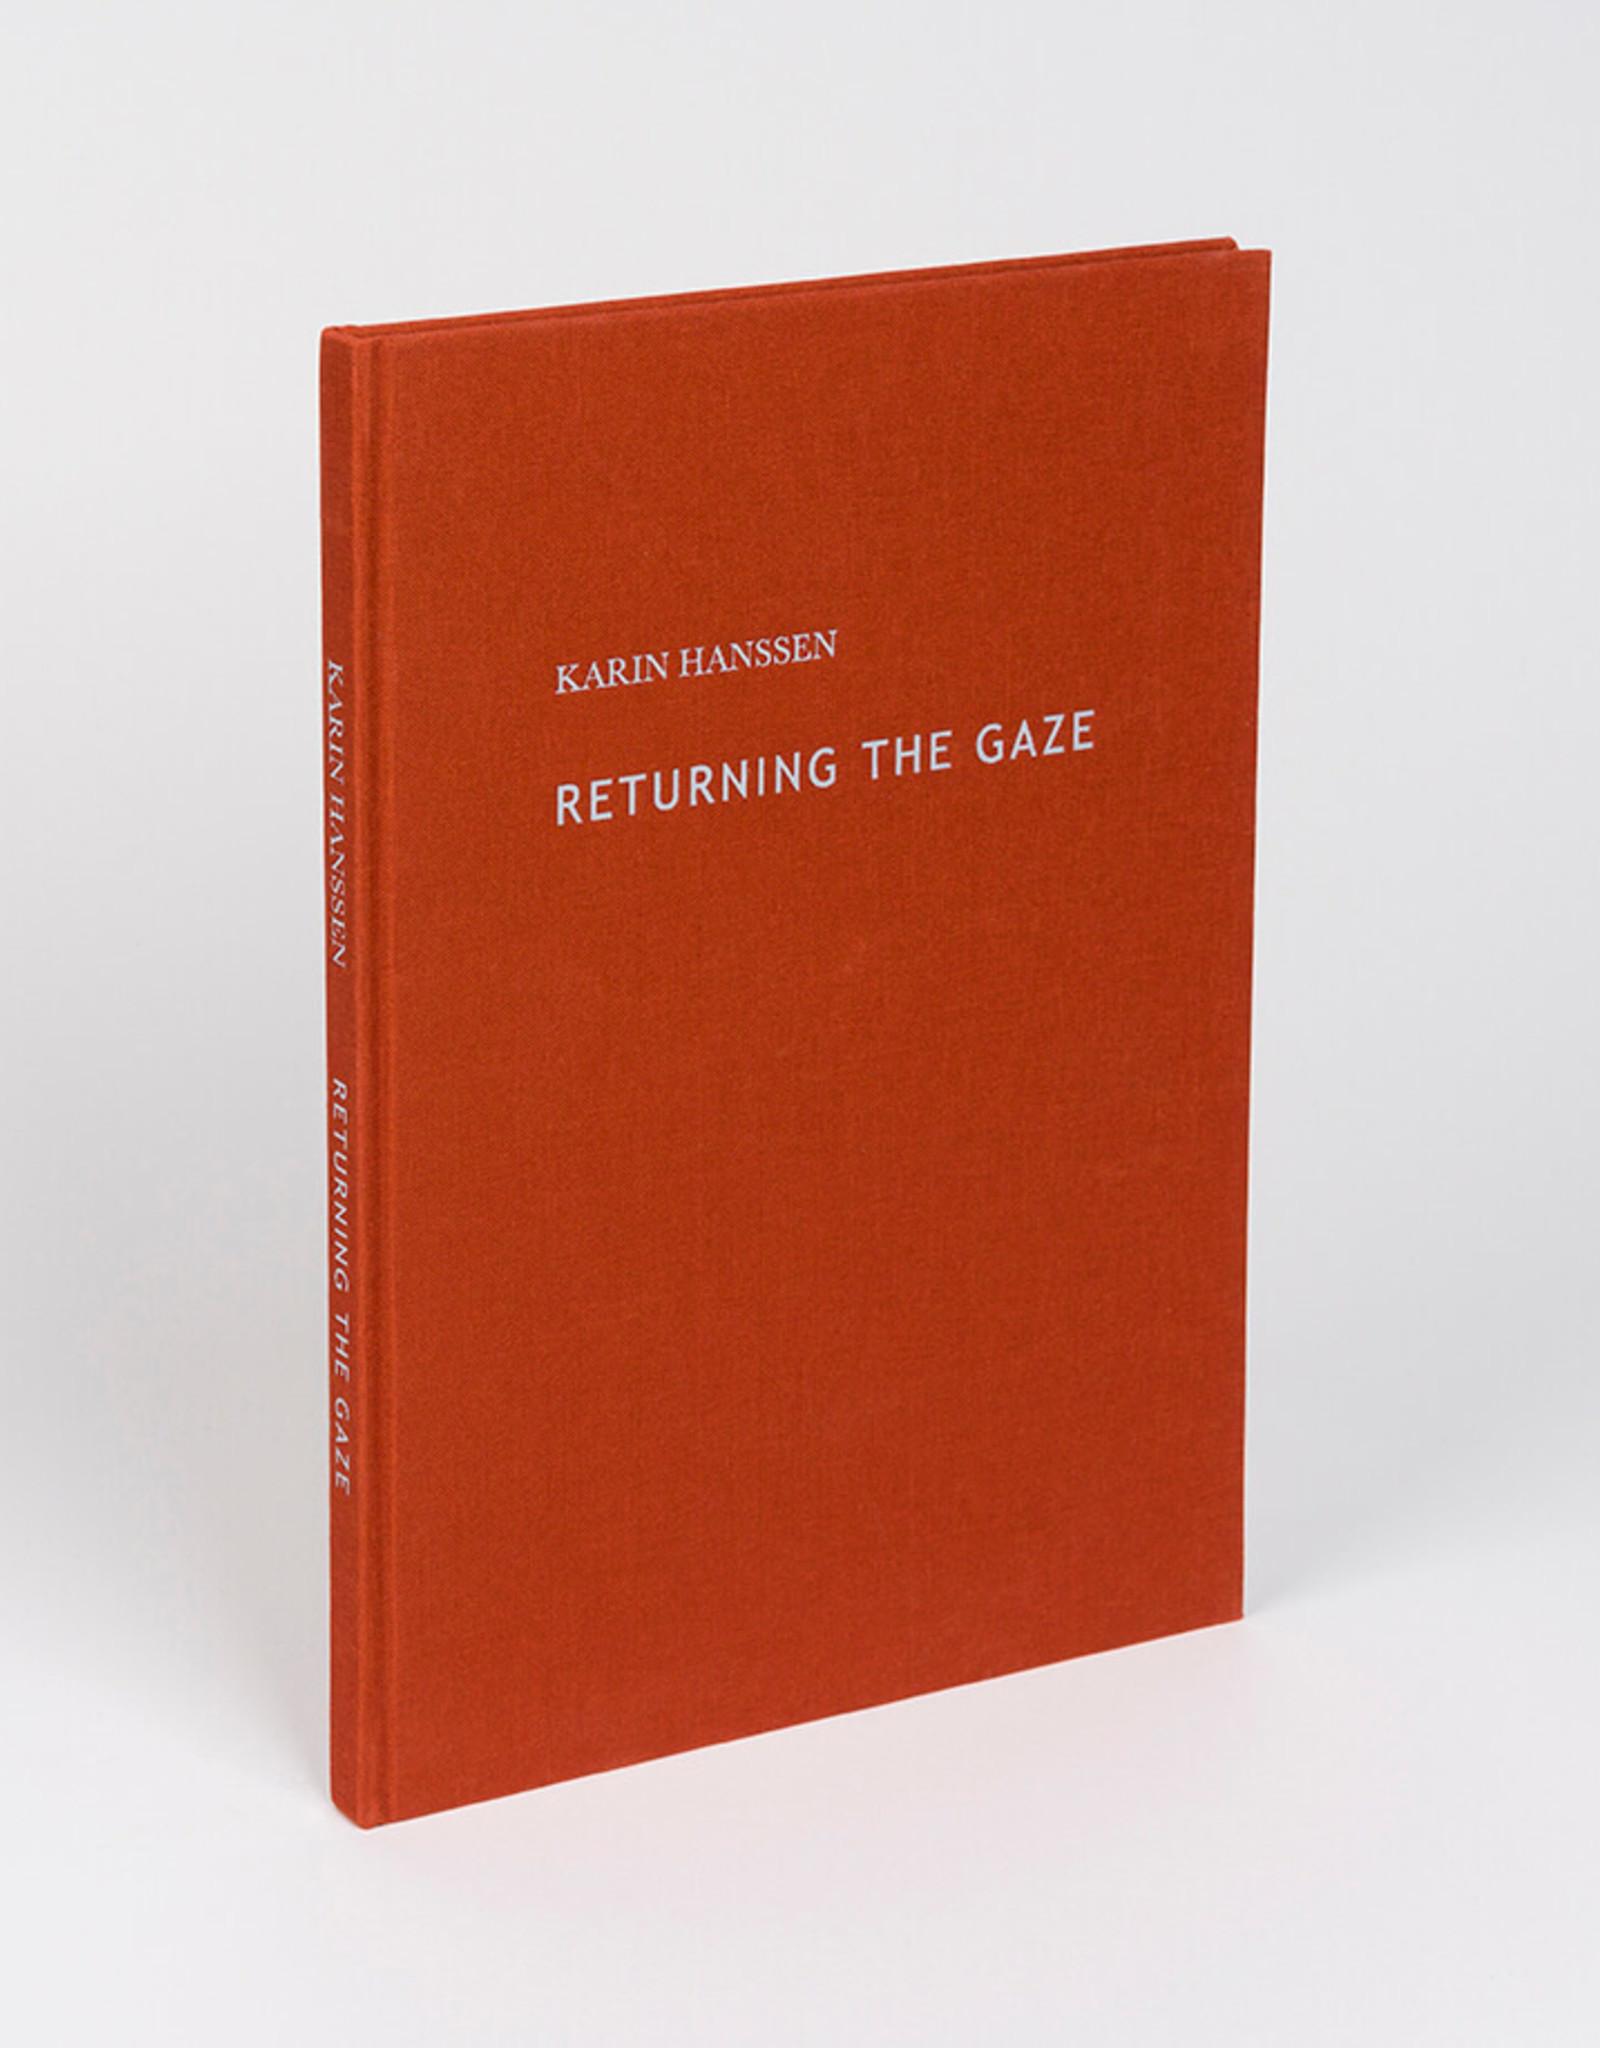 Karin Hanssen - Returning the Gaze